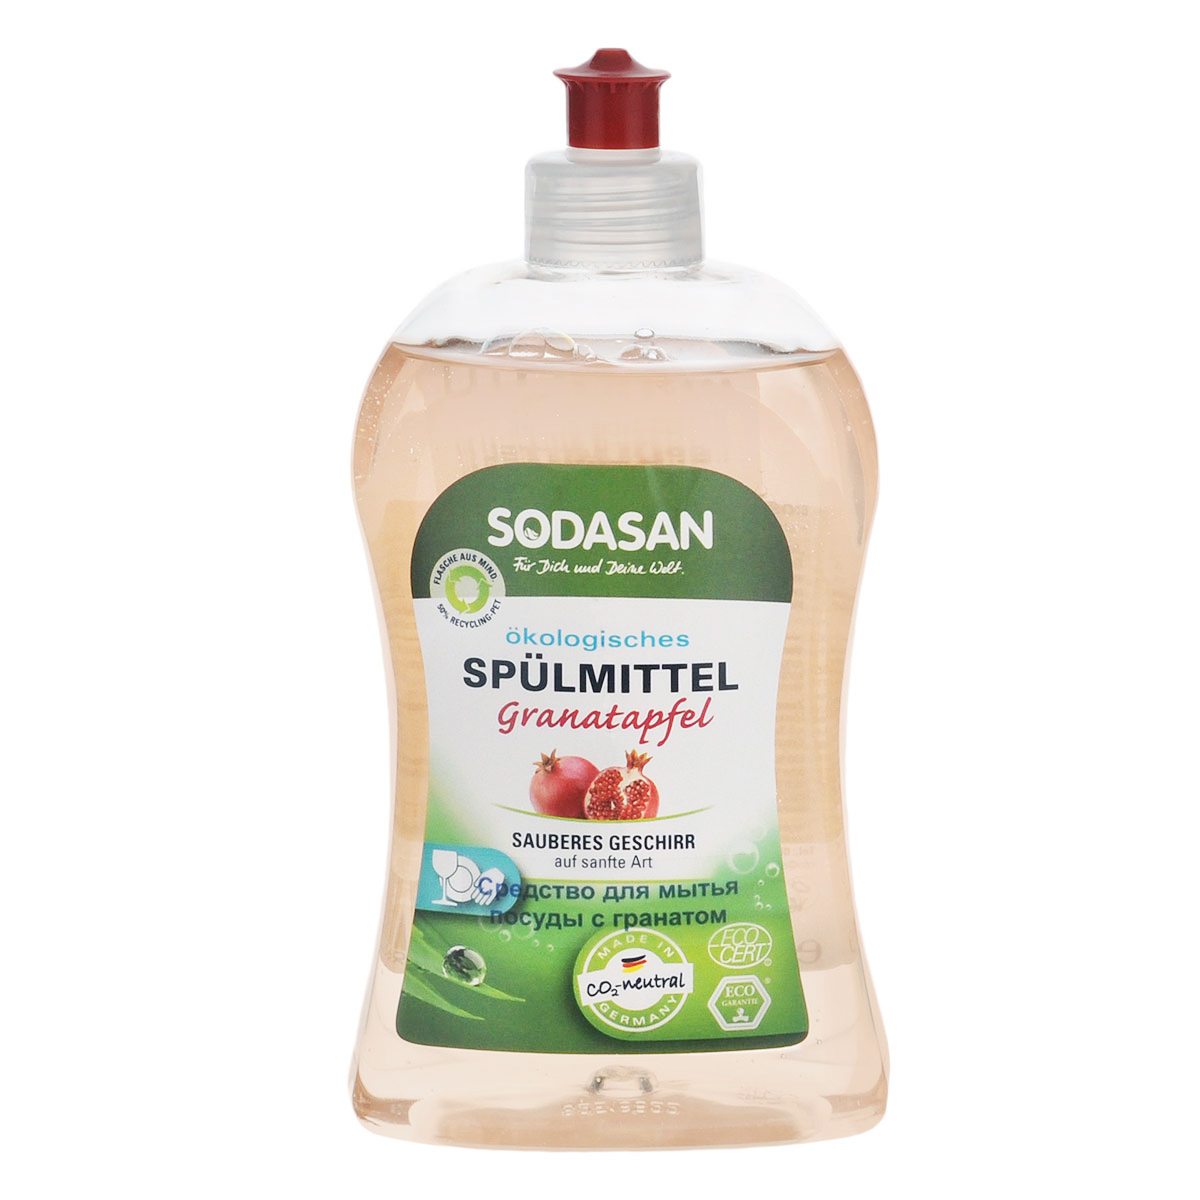 Жидкое средство Sodasan для мытья посуды, с запахом граната, 500 мл2256Жидкое средство-концентрат Sodasan качественно и безопасно моет посуду без лишних усилий. Быстро удаляет загрязнения и жир. Придает посуде блеск и не оставляет разводов.В состав входят только безопасные растительные ингредиенты органического происхождения.Специальная формула с гранатом защищает ваши руки от пересыхания и делает их мягкими на ощупь. Экономично в использовании. Характеристики:Объем: 500 мл. Артикул:2256. Товар сертифицирован.